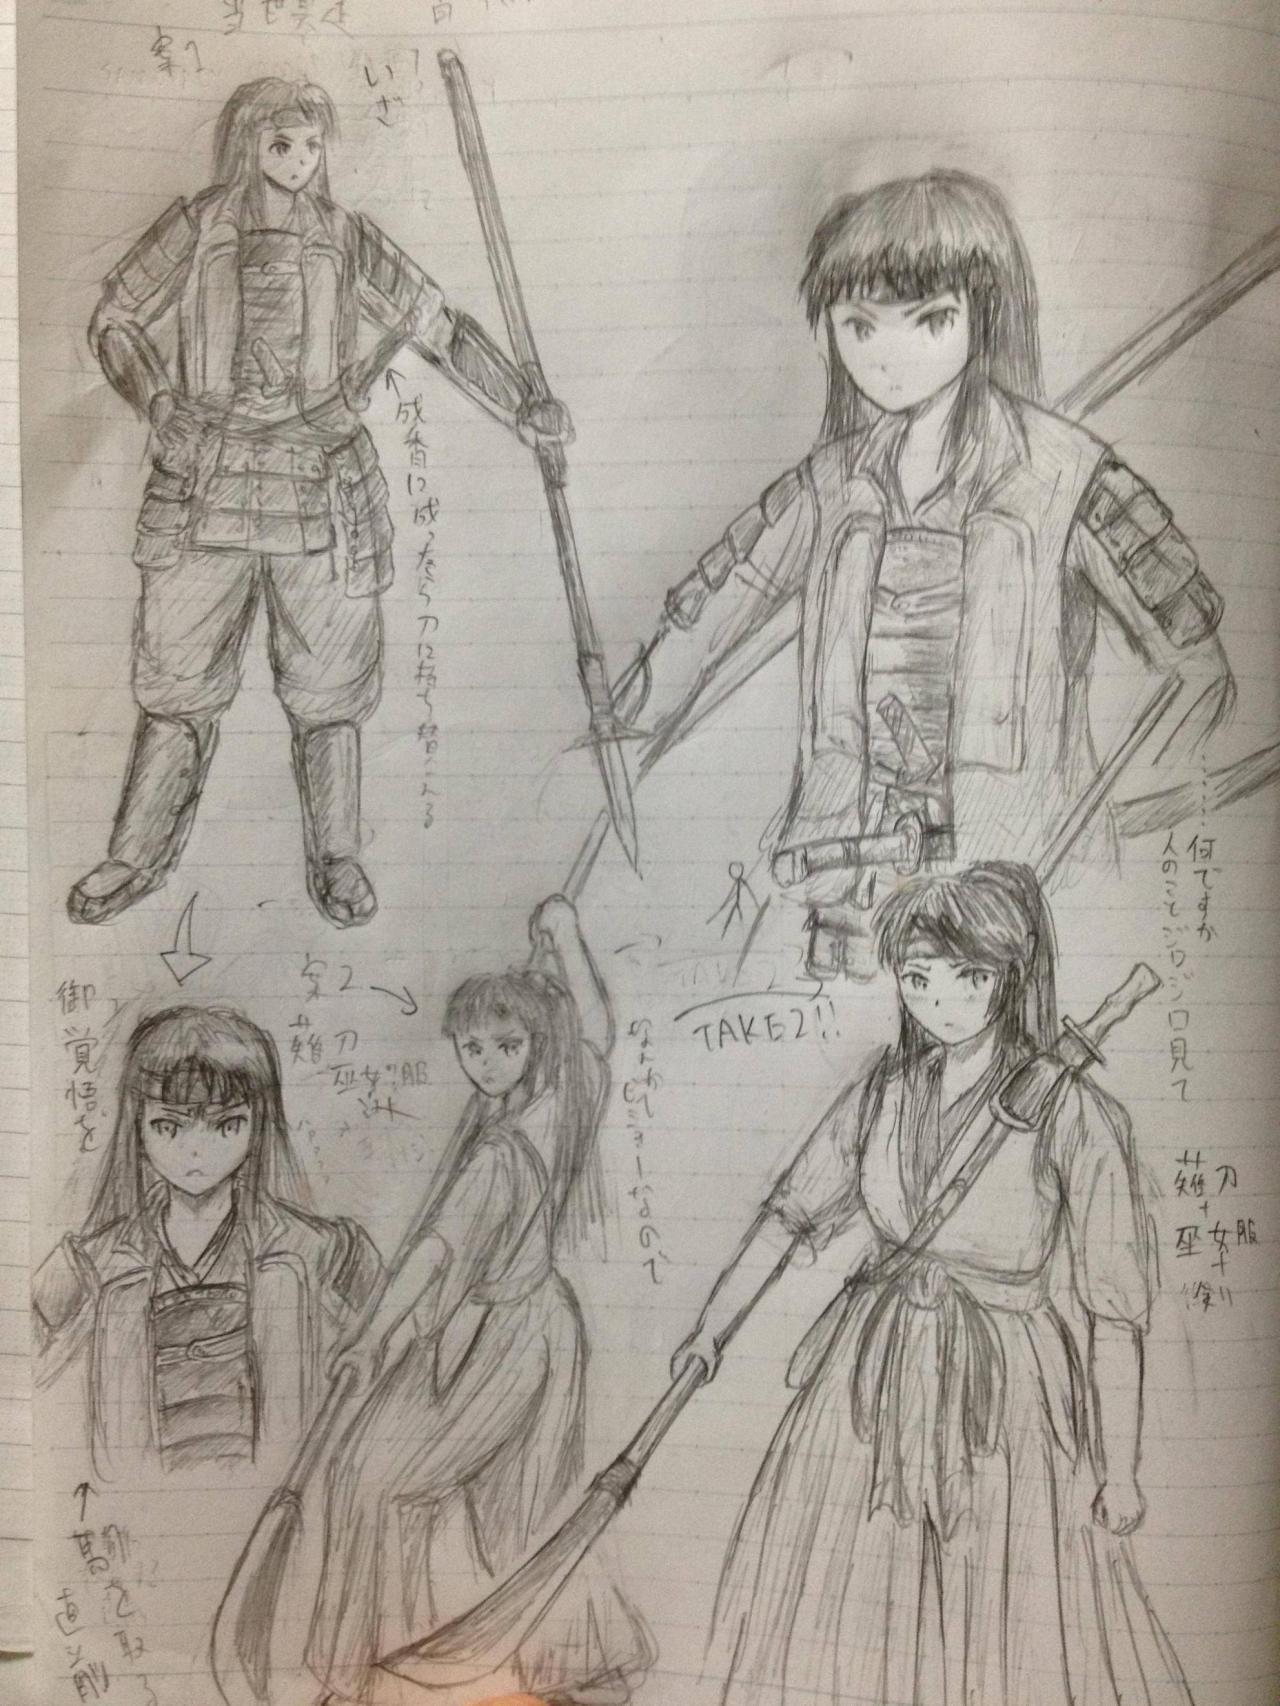 http://blog-imgs-45.fc2.com/a/n/k/ankosokuho/YlHMq_convert_20120713121304.jpg